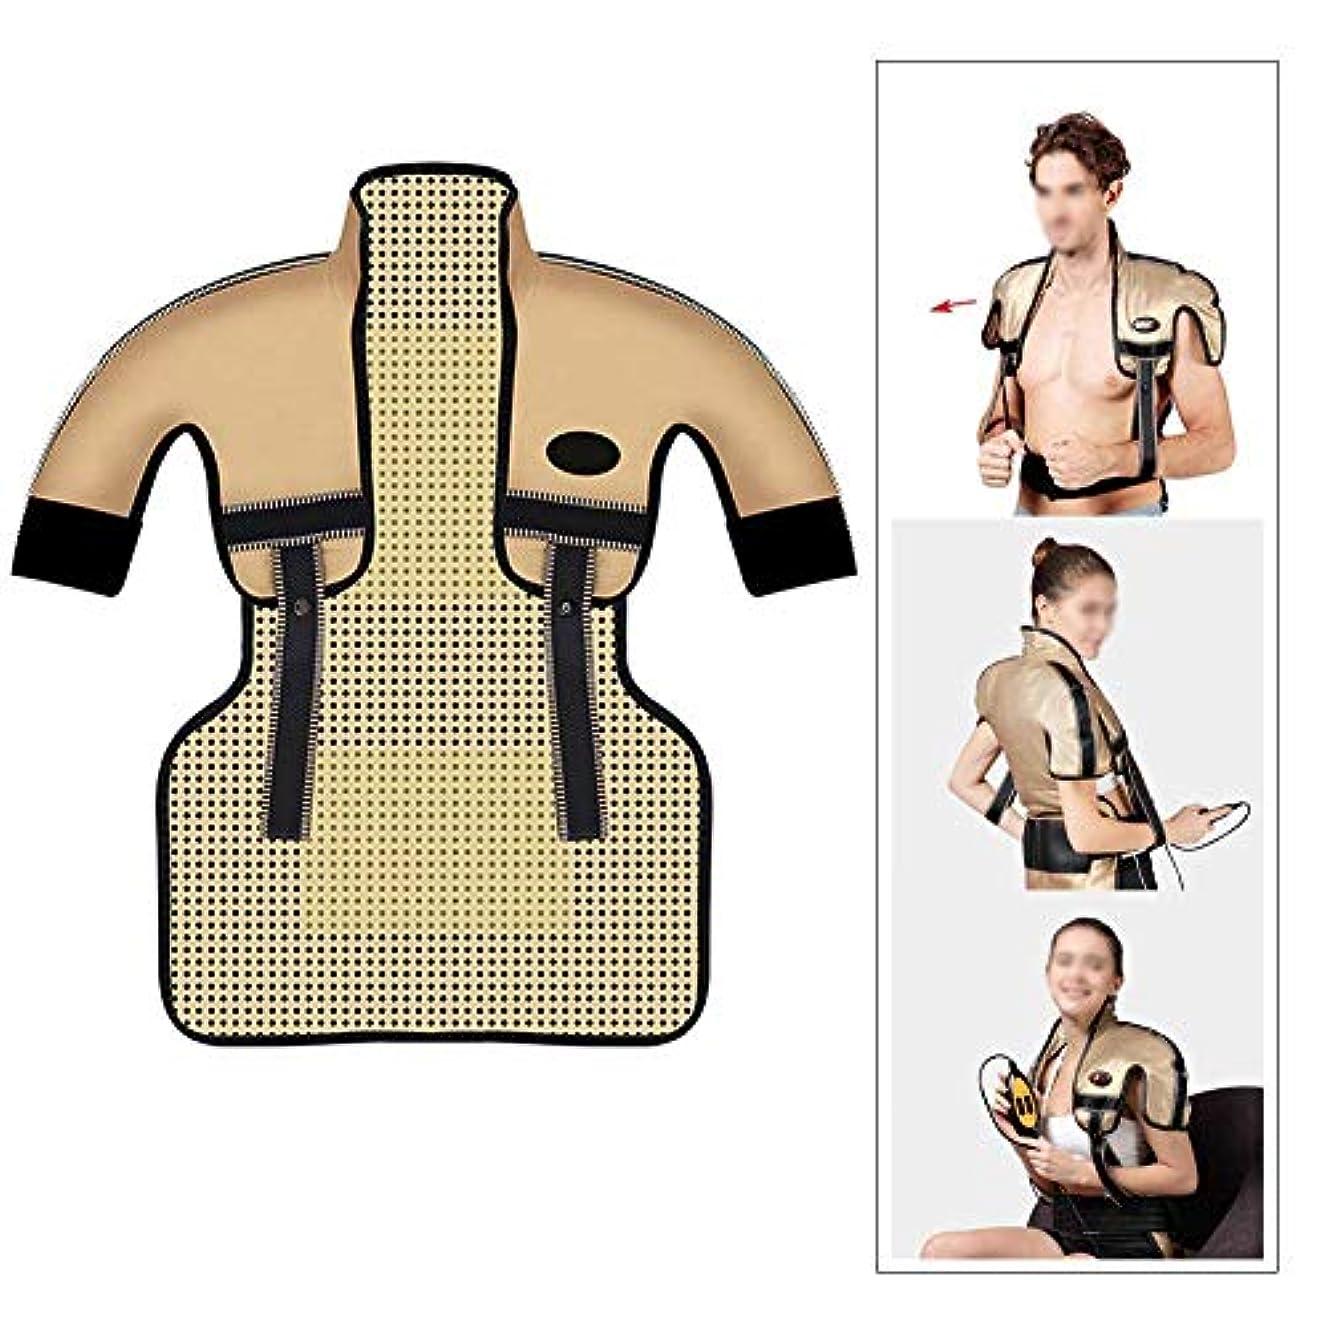 いうゲート溶接肩と首の電気加熱パッド - 混練加熱、痛みを和らげるヒートパッド、医療用品マッサージベスト(肩幅用:35-50CM)